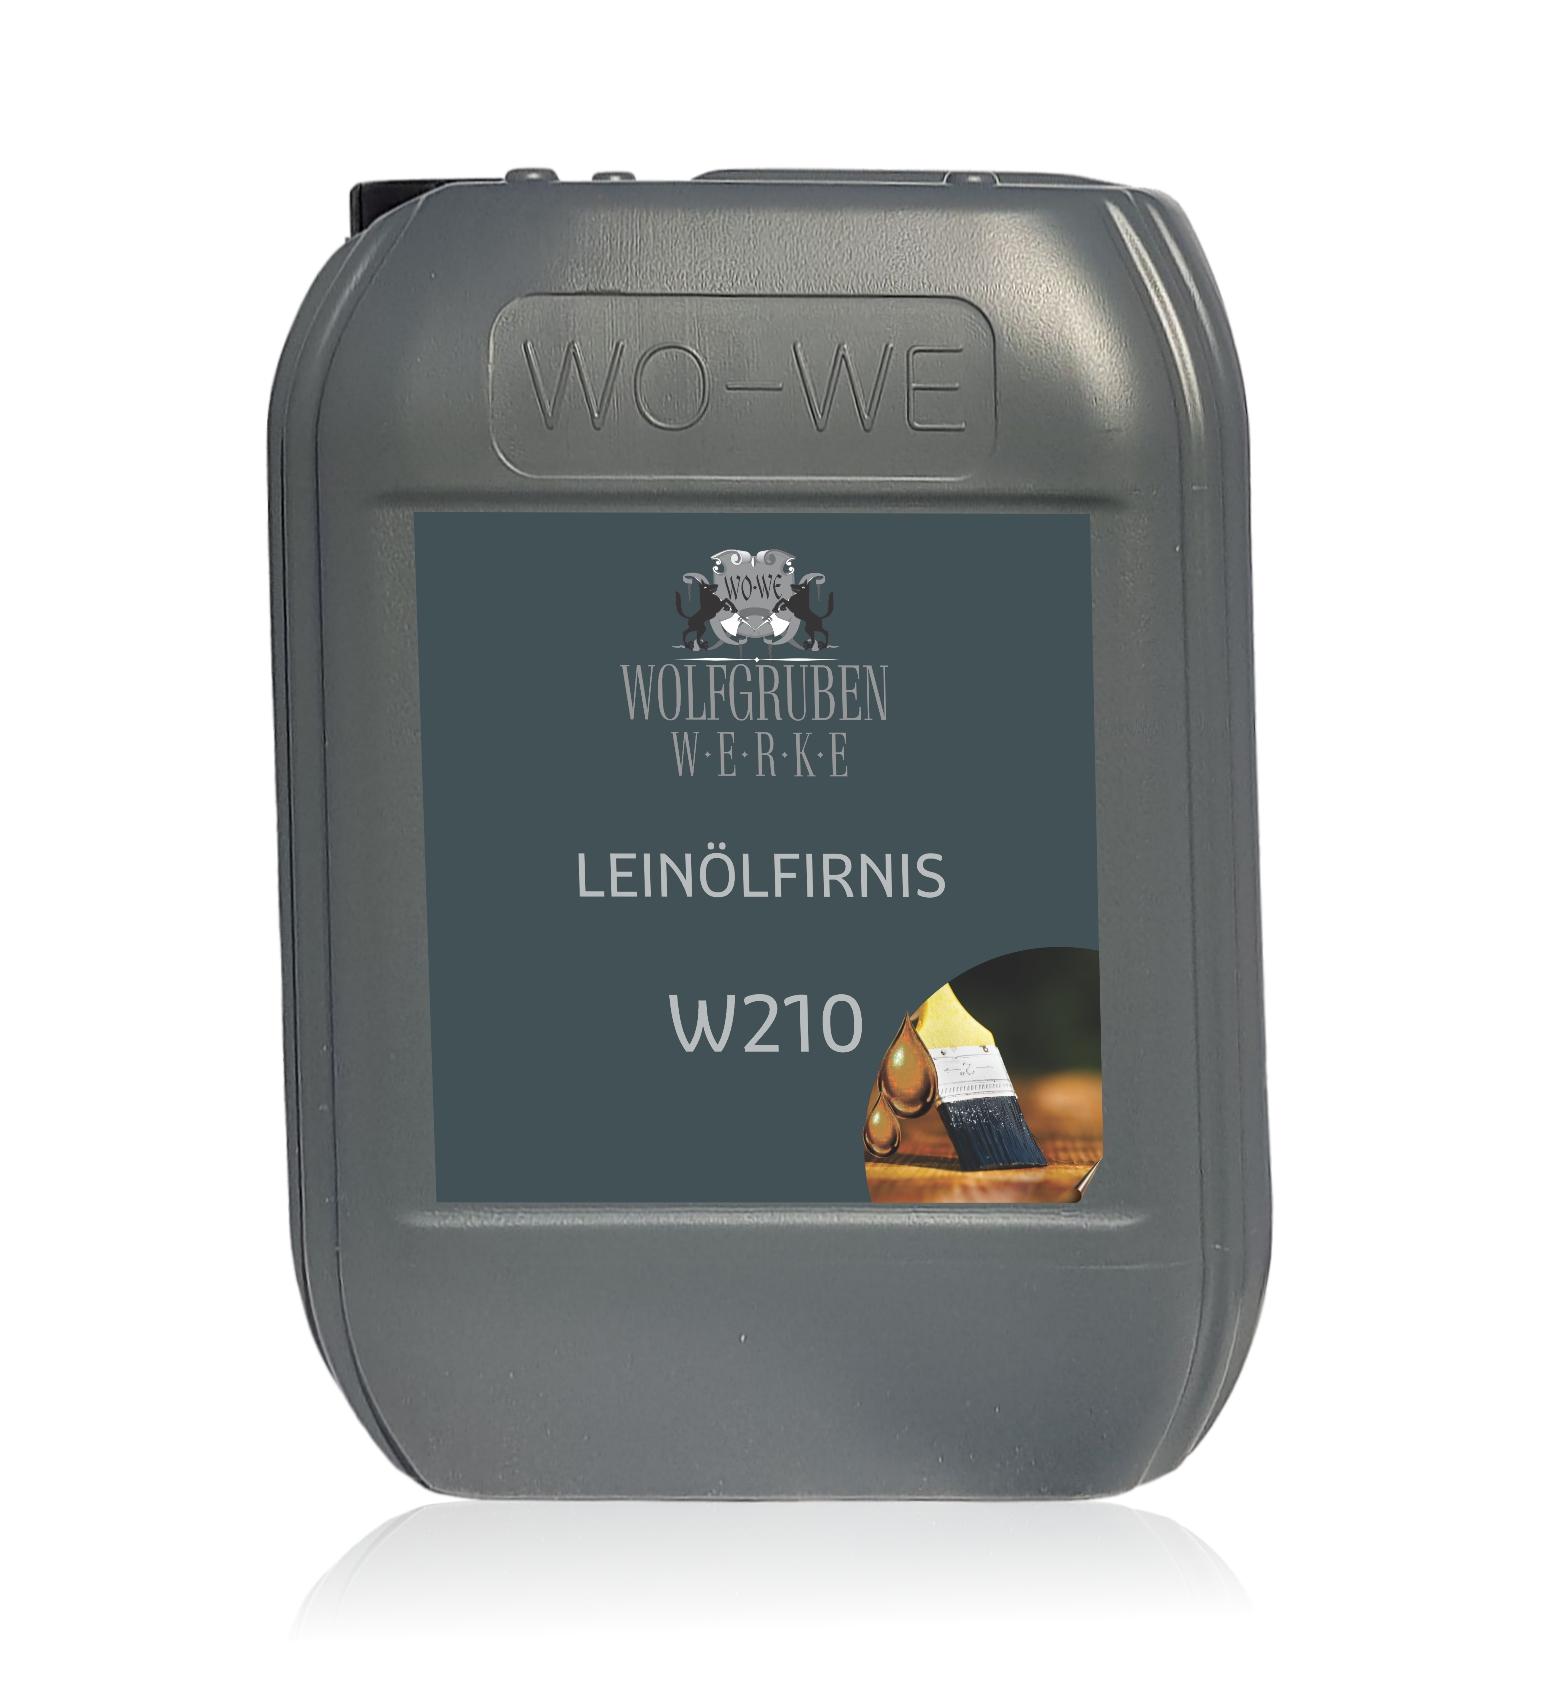 W210.jpg?dl=0